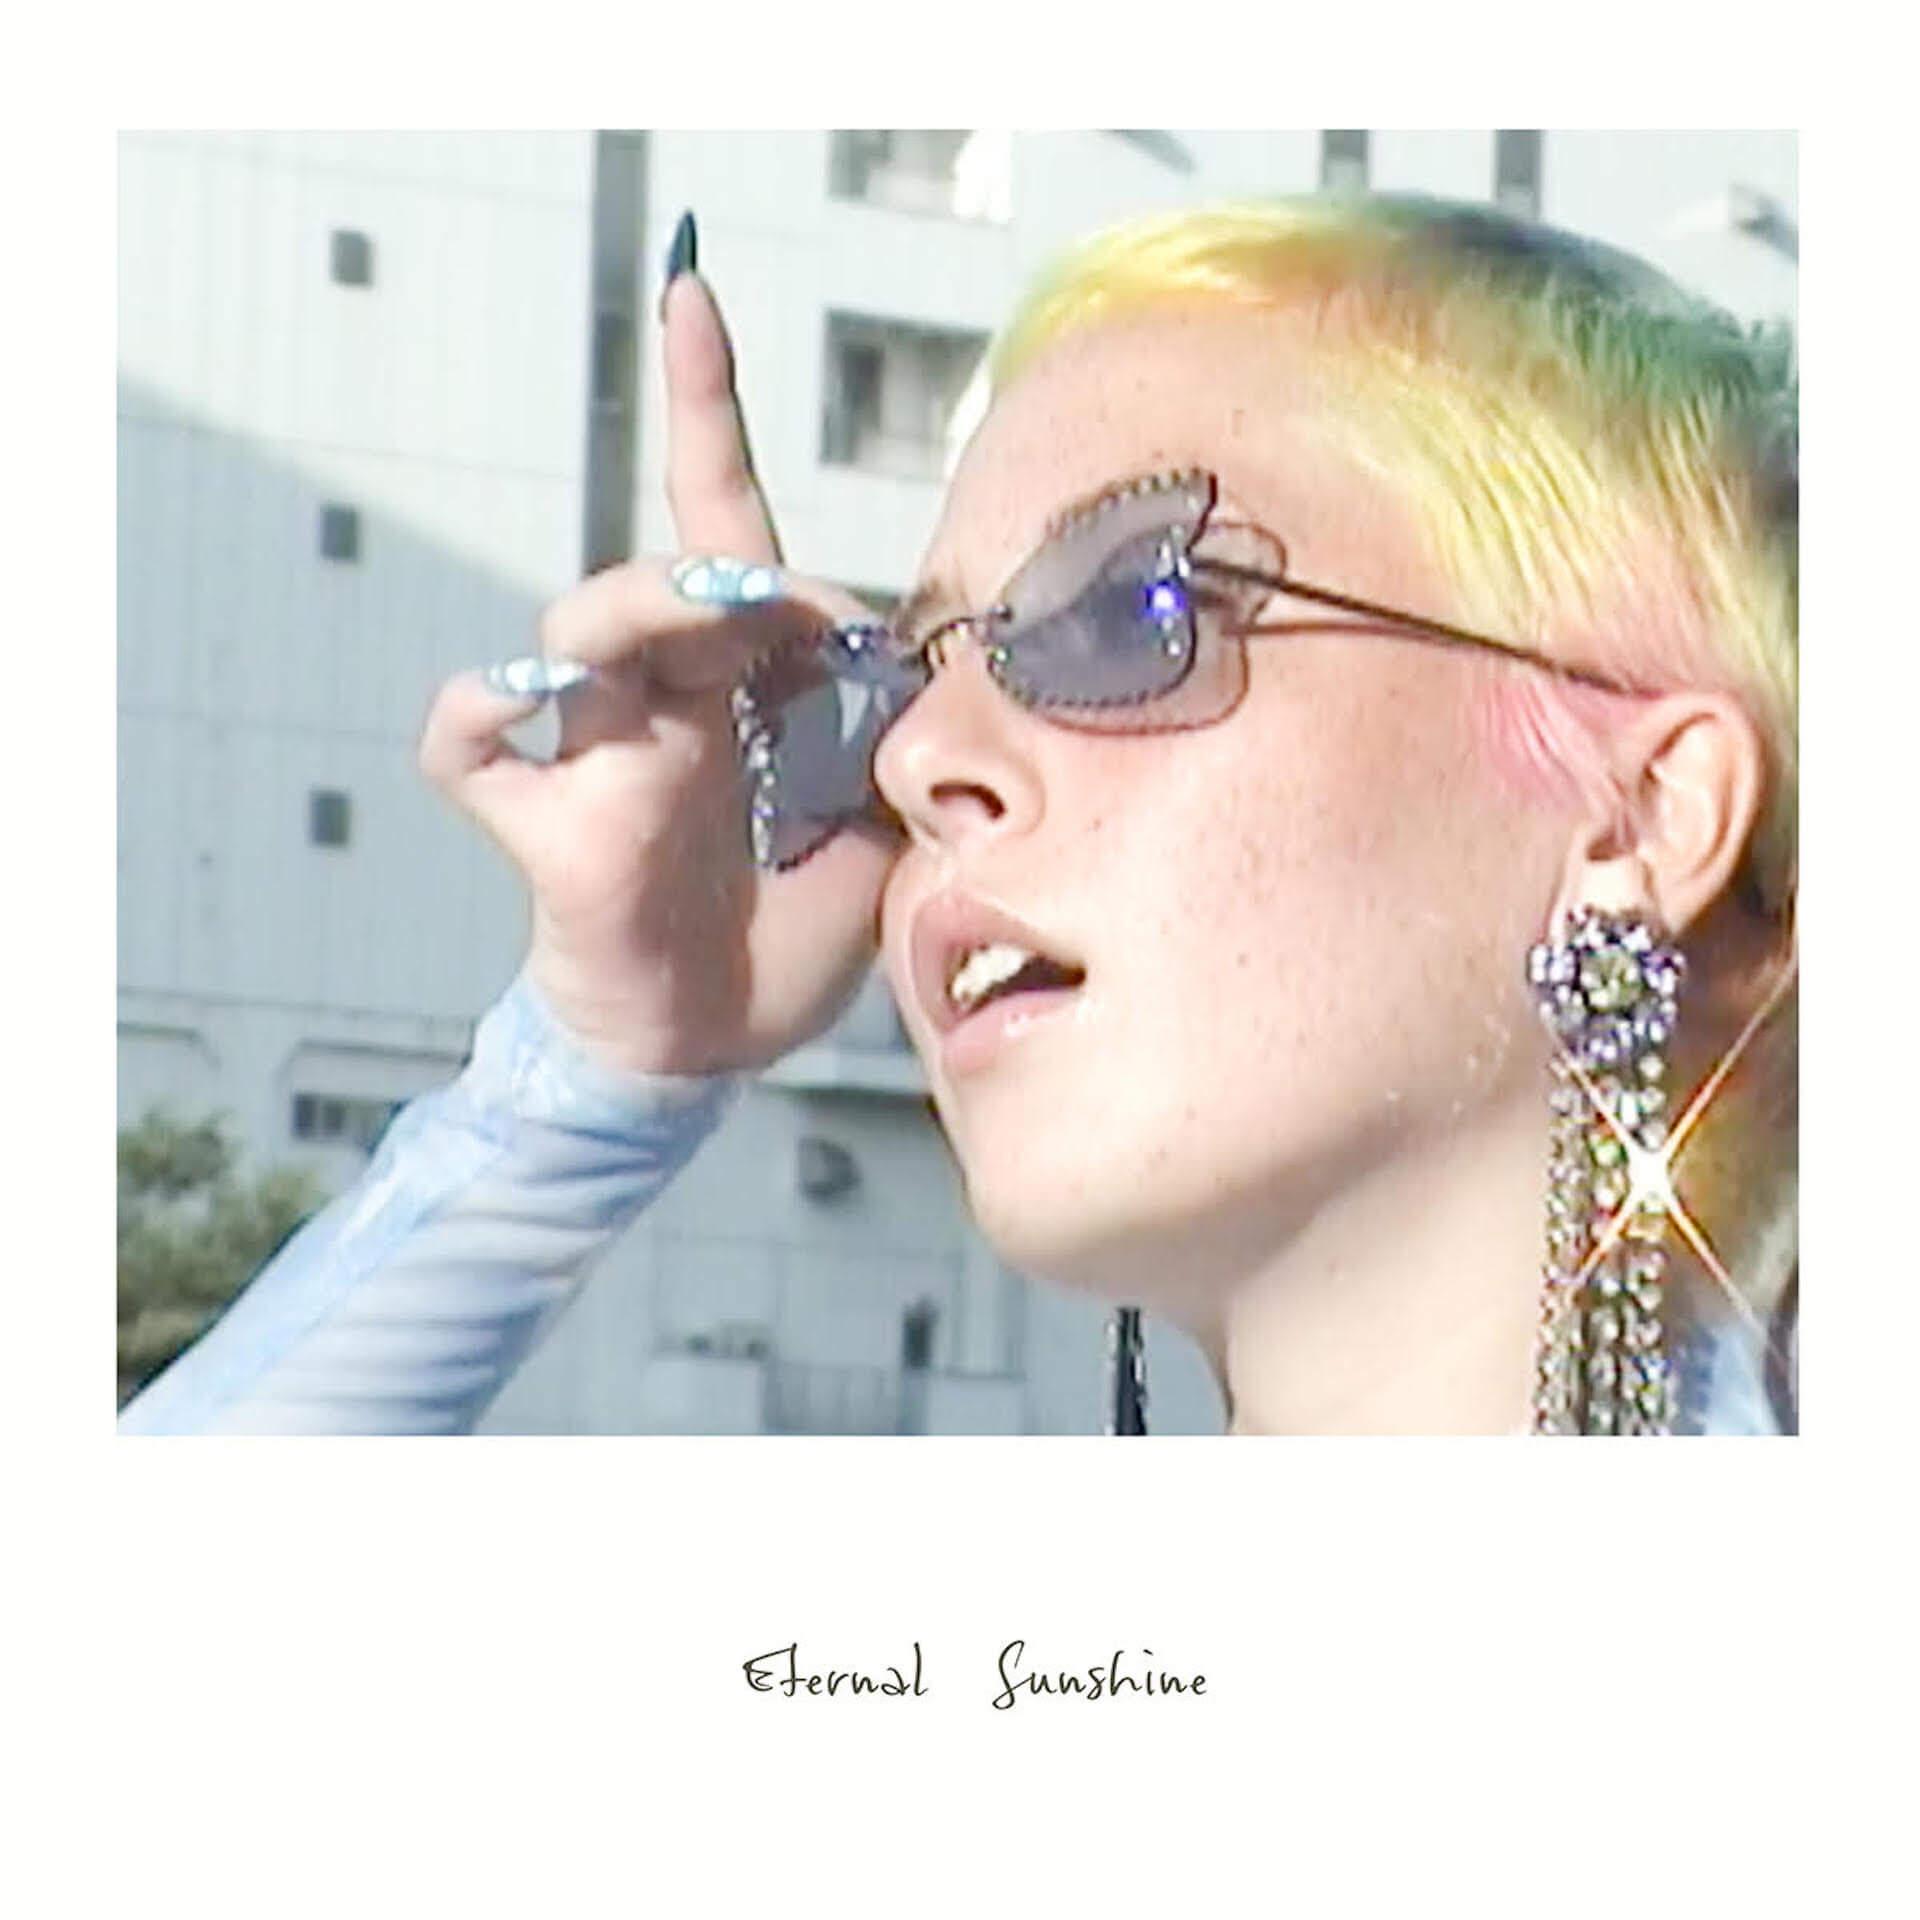 沖縄のポップシンガー・Grace AimiがChaki Zuluプロデュースのデビューシングル『Eternal Sunshine』を本日リリース!同時にMVも公開 music2020831-graceaimi2